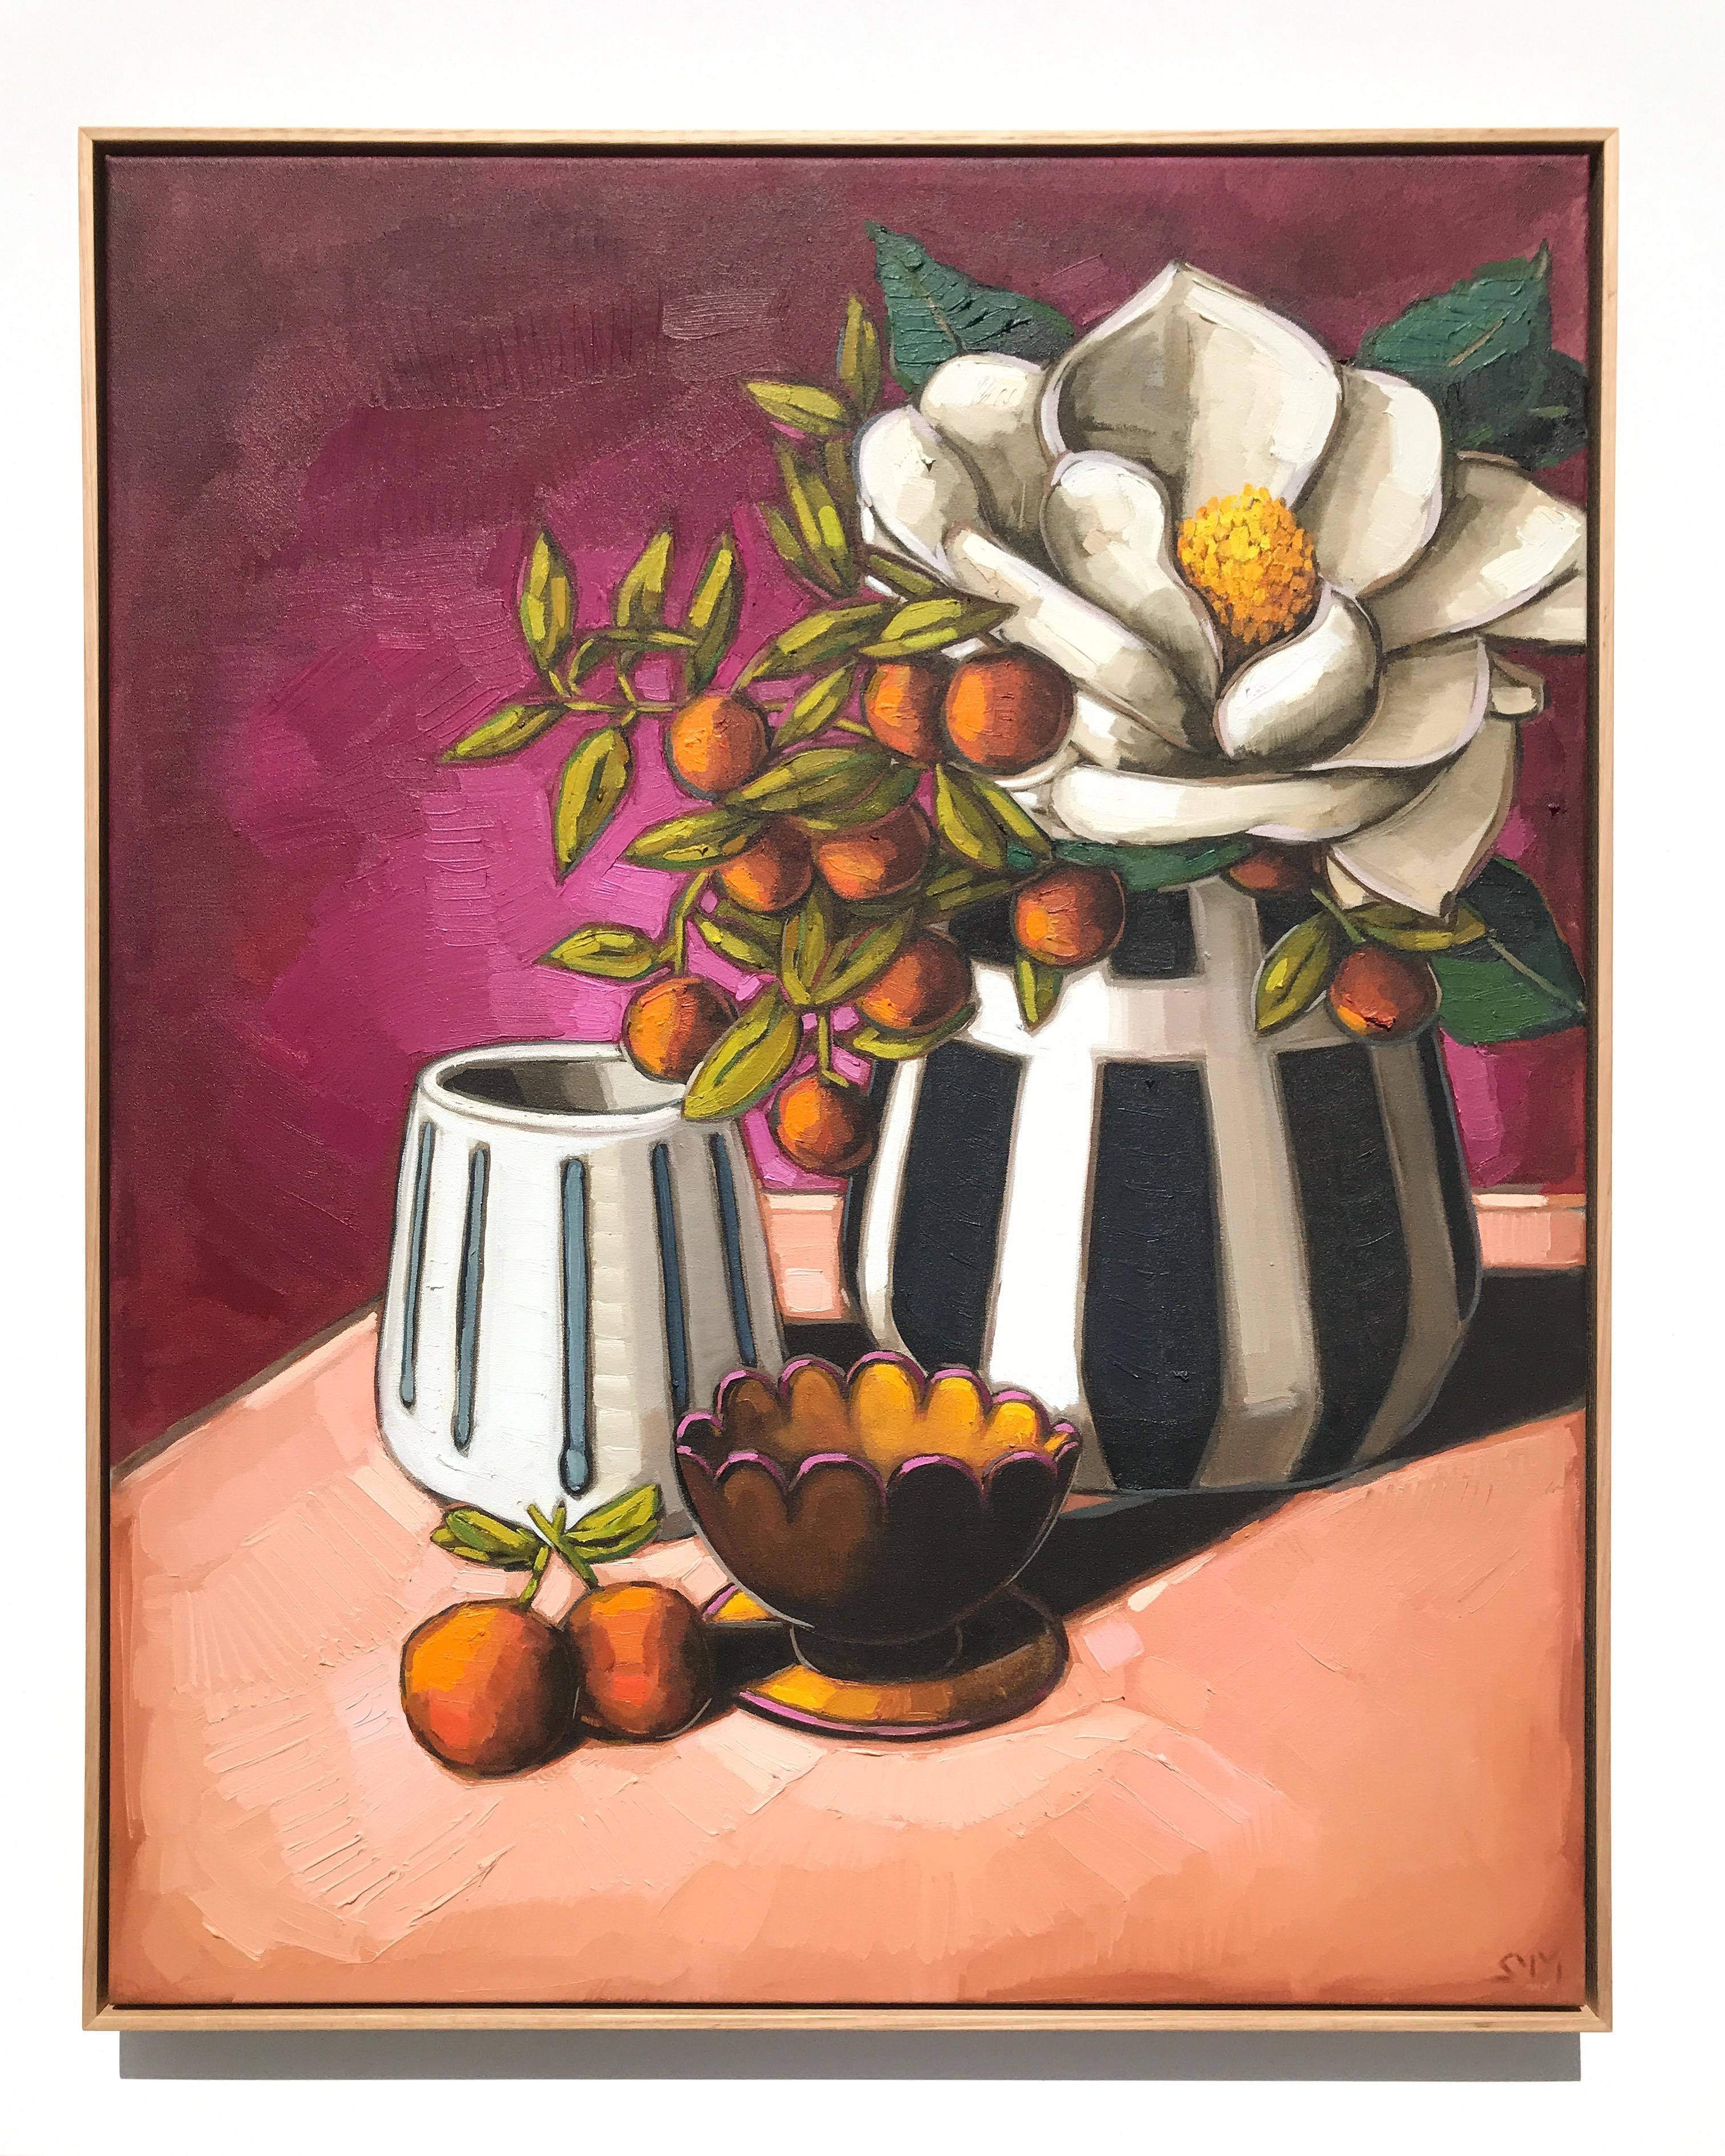 12_17 EMPEREUR 'Magnolia & Mini Cumquats' 103x83cm $2,995